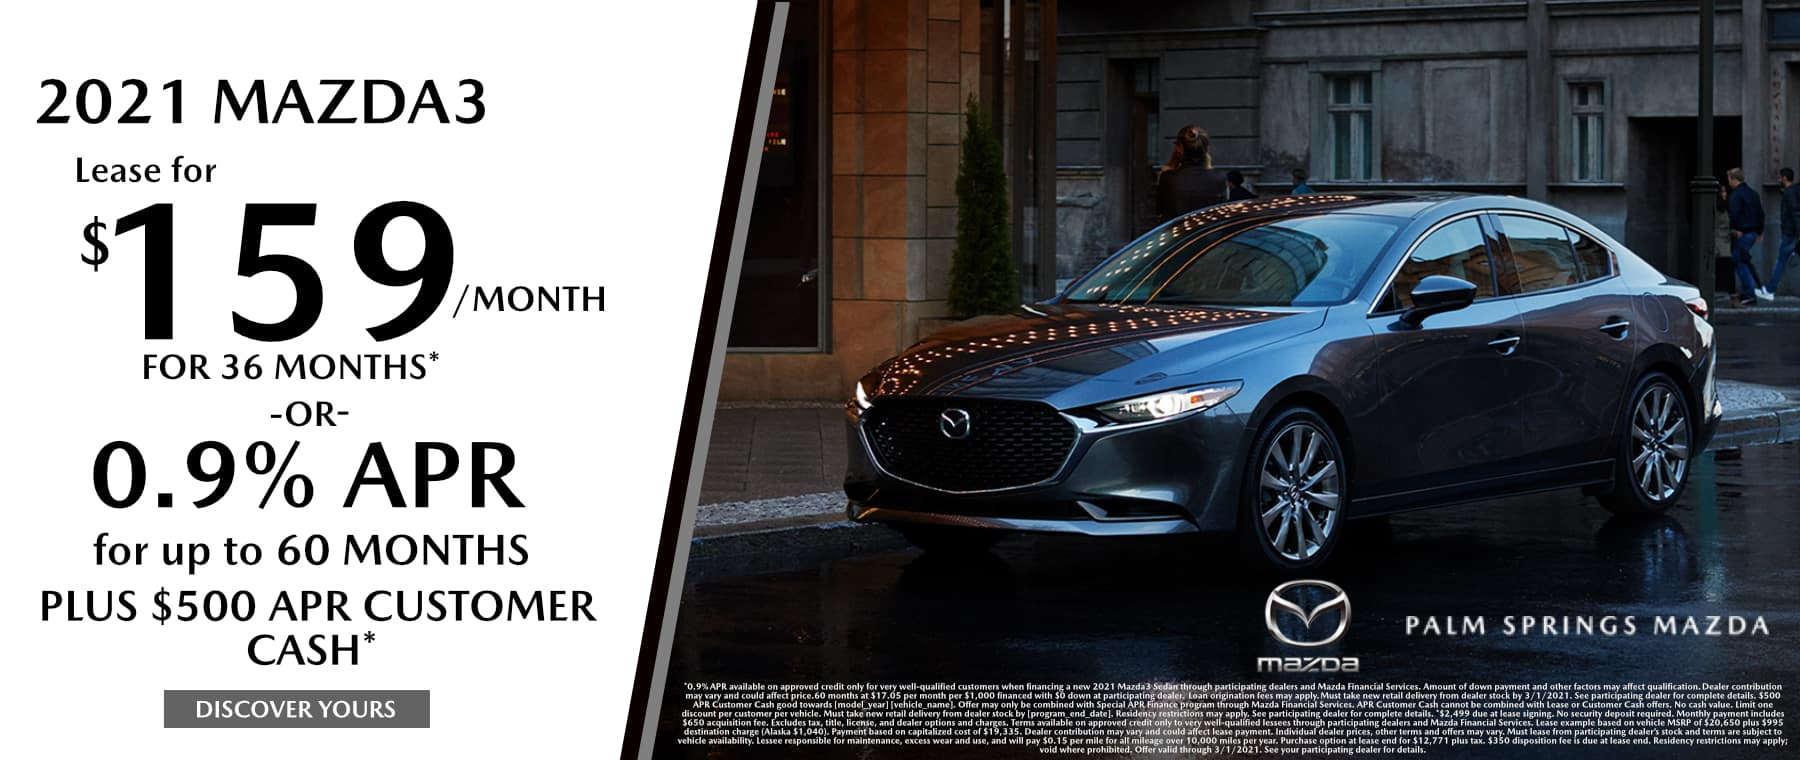 February_2021 Mazda3 Palm Springs Mazda